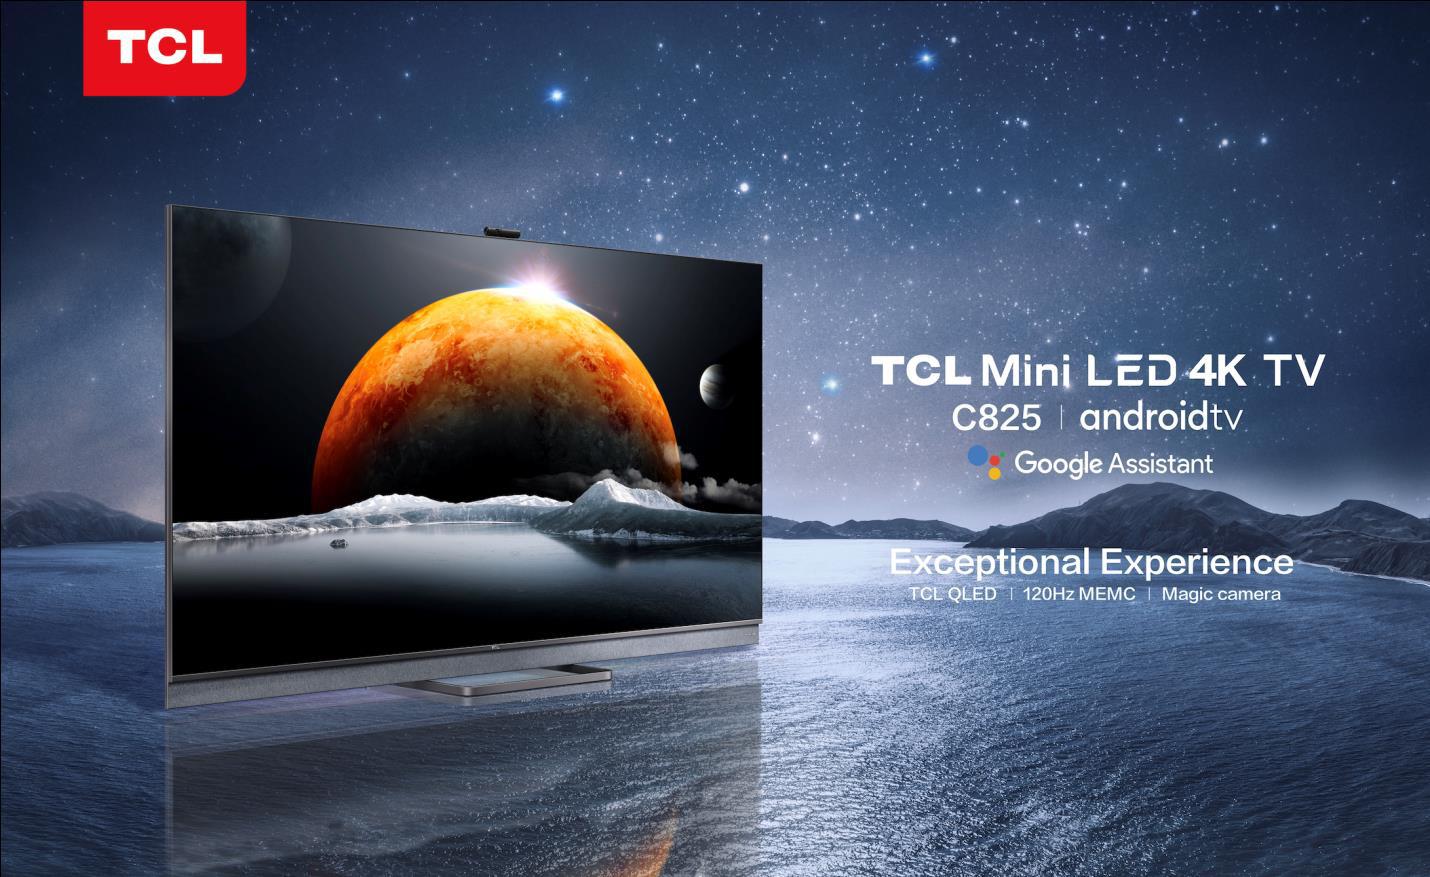 CES 2021: TCL trình làng hàng loạt các sản phẩm đa dạng hóa mới nhất: TV, Audio, thiết bị di động và gia dụng thông minh - Ảnh 2.